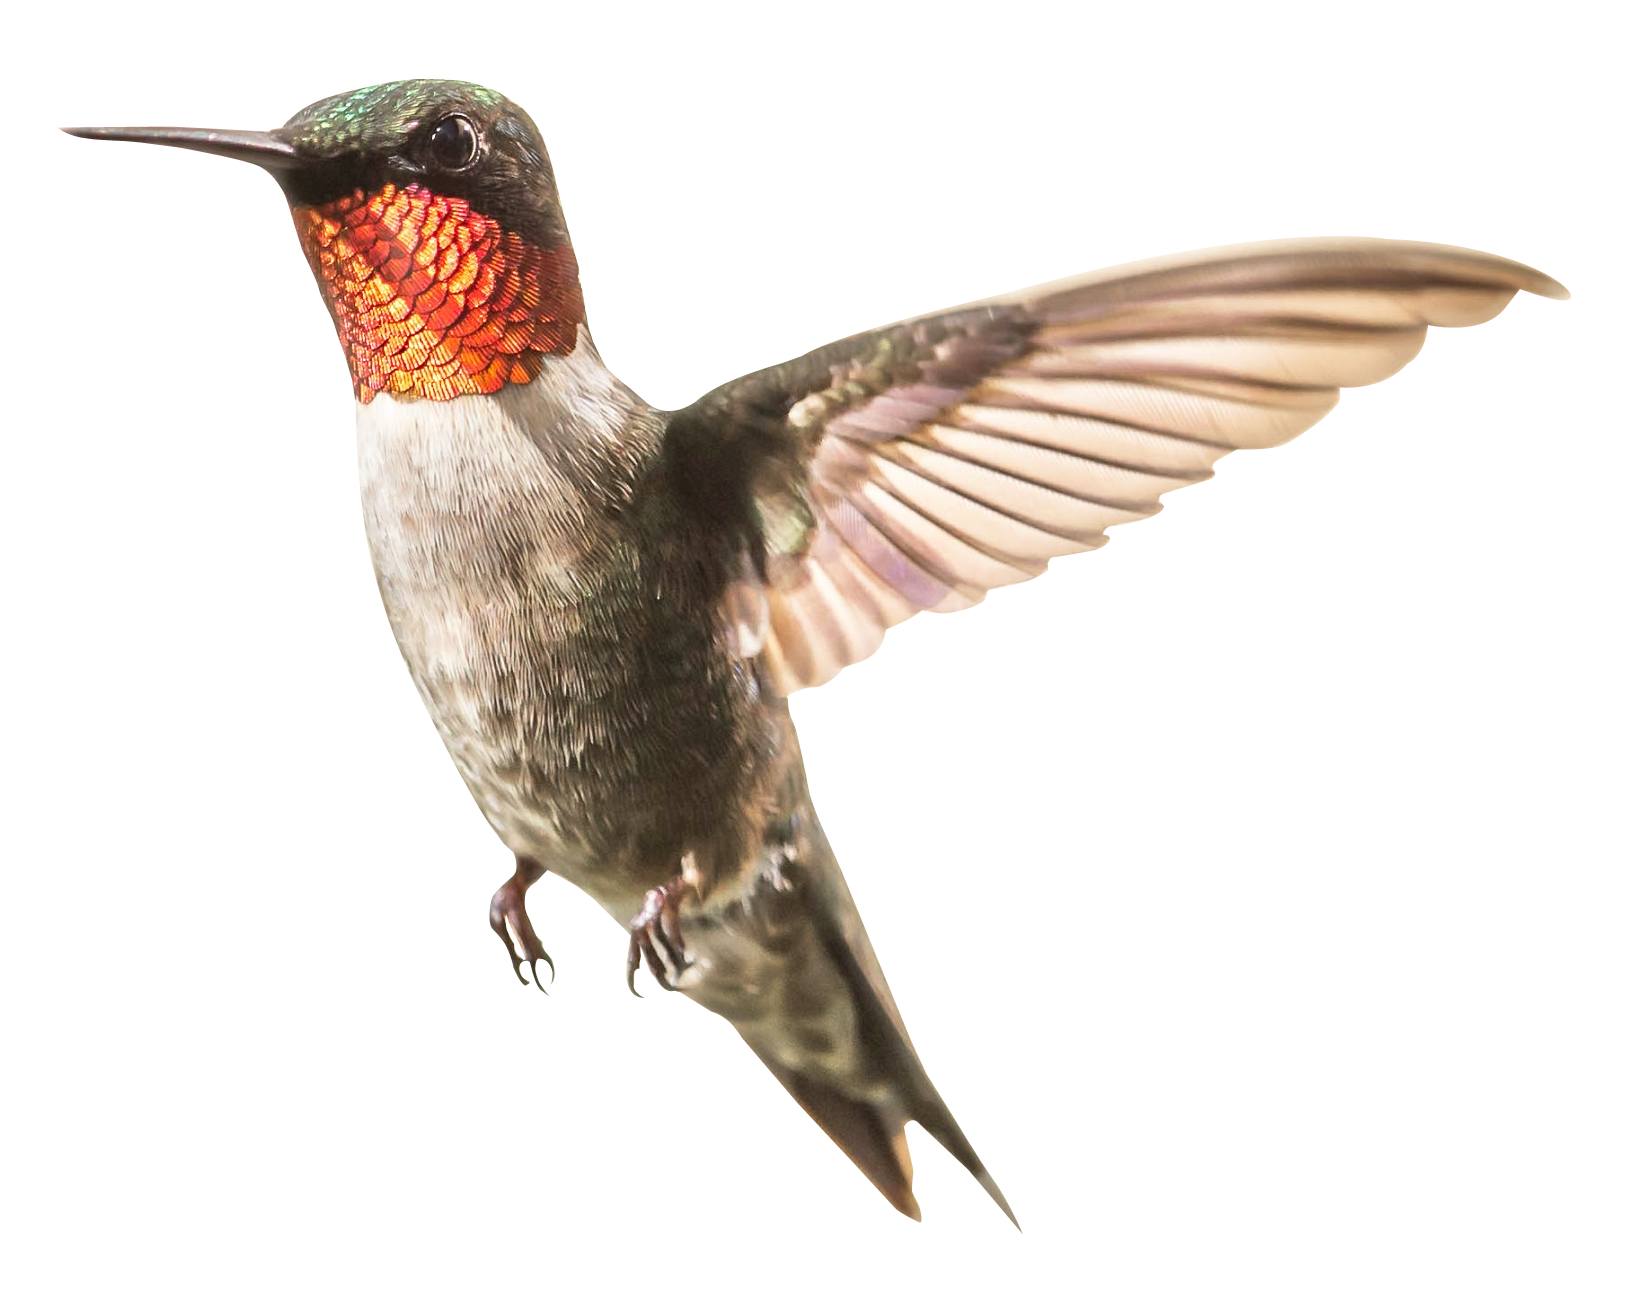 Hummingbird Png Image Purepng Free Transparent Cc0 Png